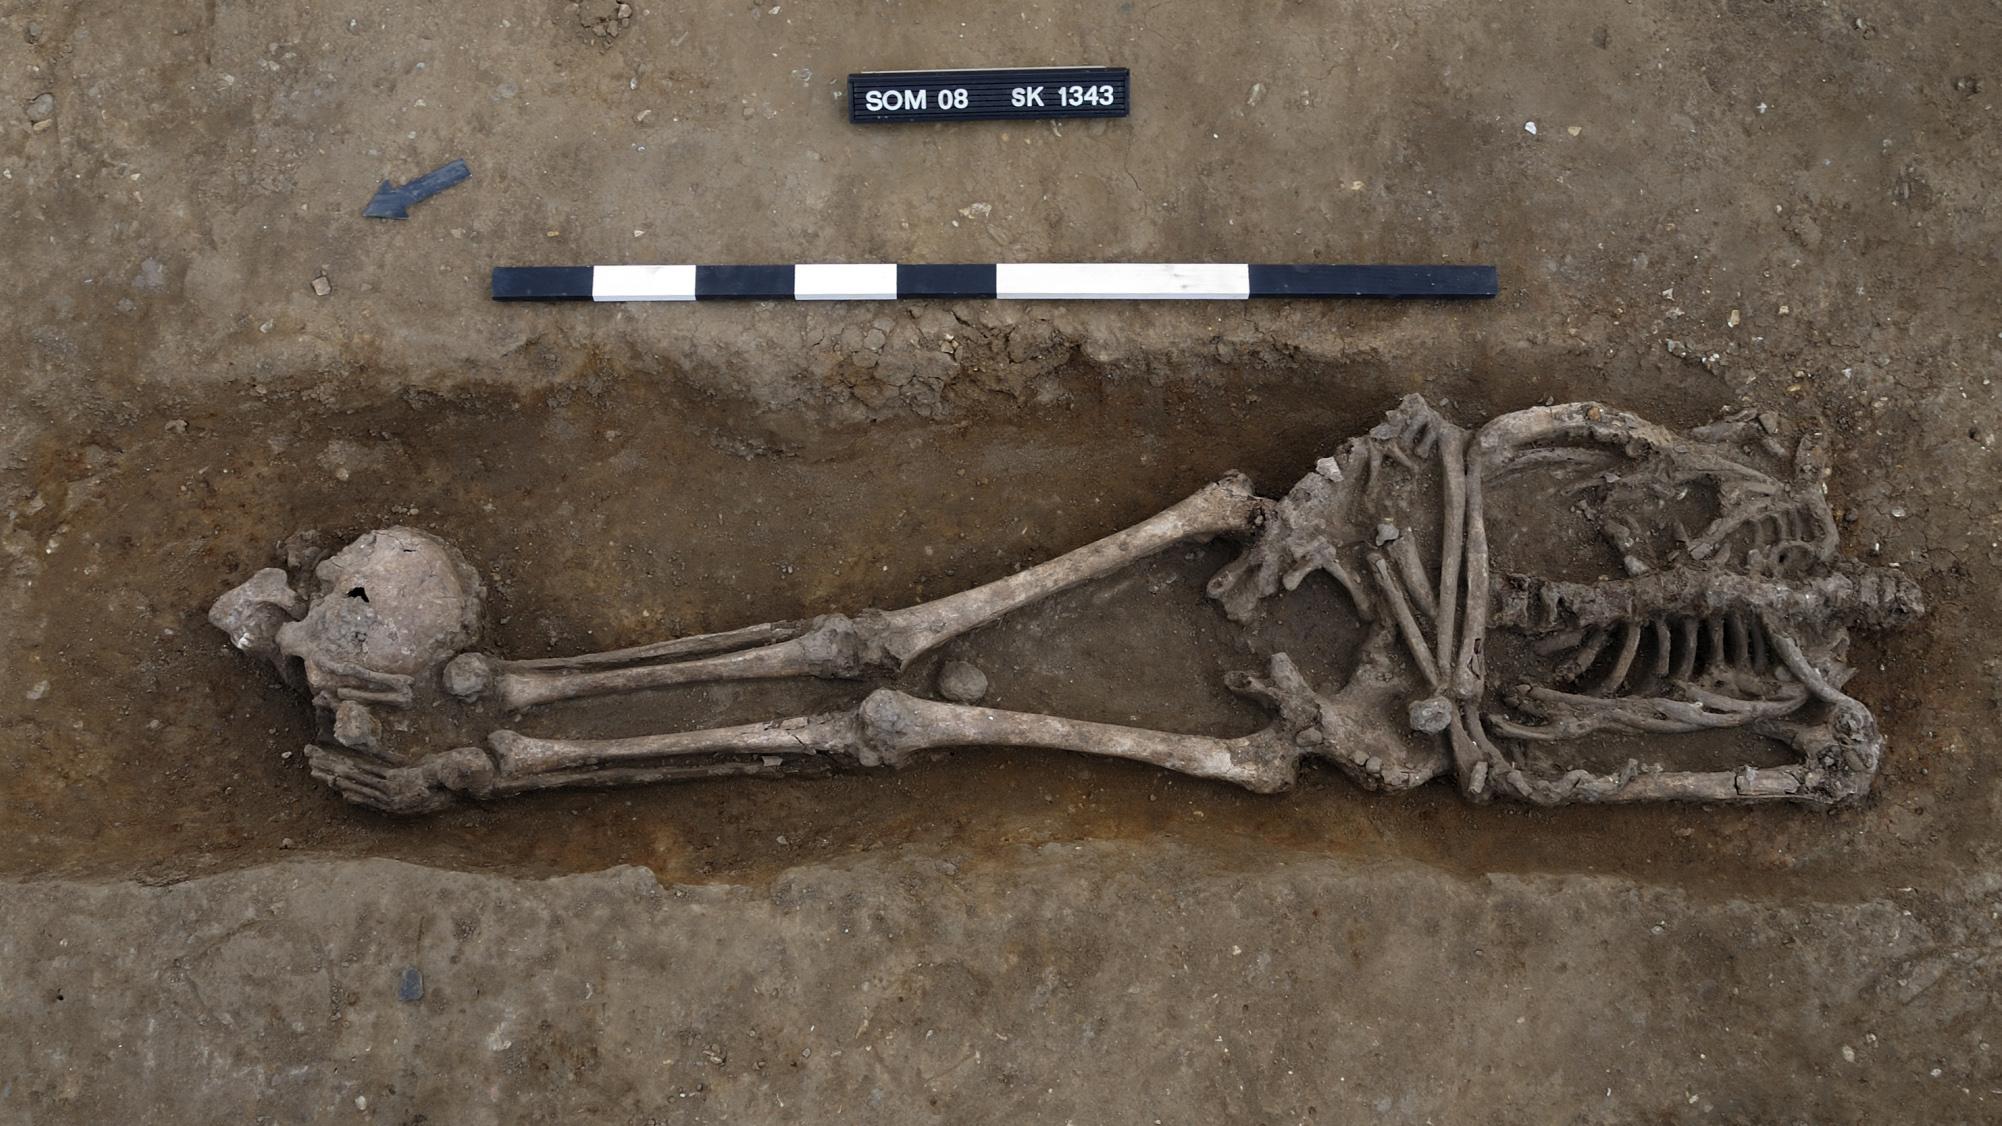 Ici, un autre squelette décapité trouvé sur le site de la ferme Knobb.